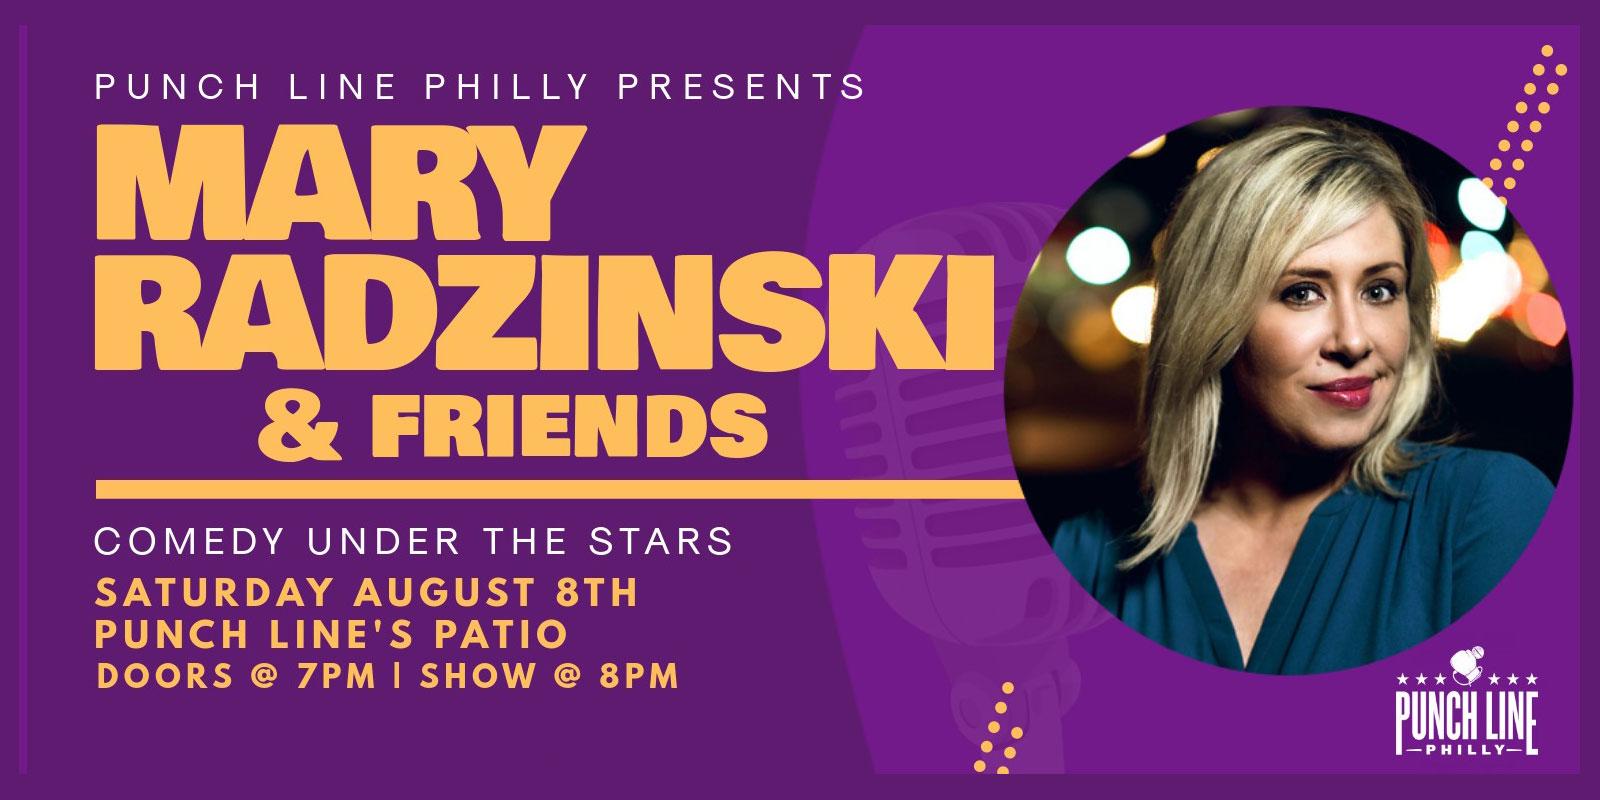 Mary Radzinski & Friends